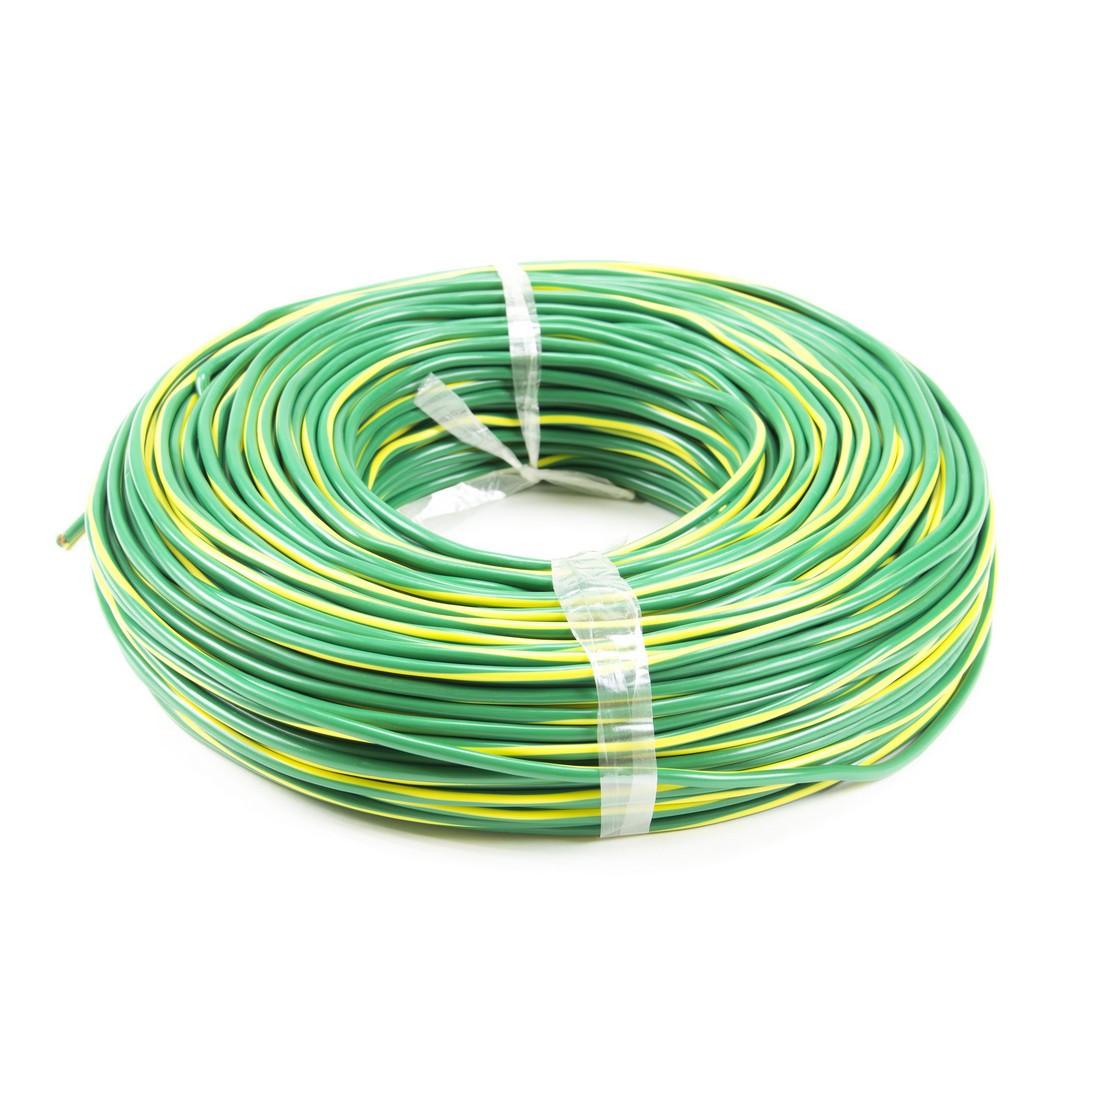 Провод монтажный iPower RV 1х2.5 жёлто-зелёный